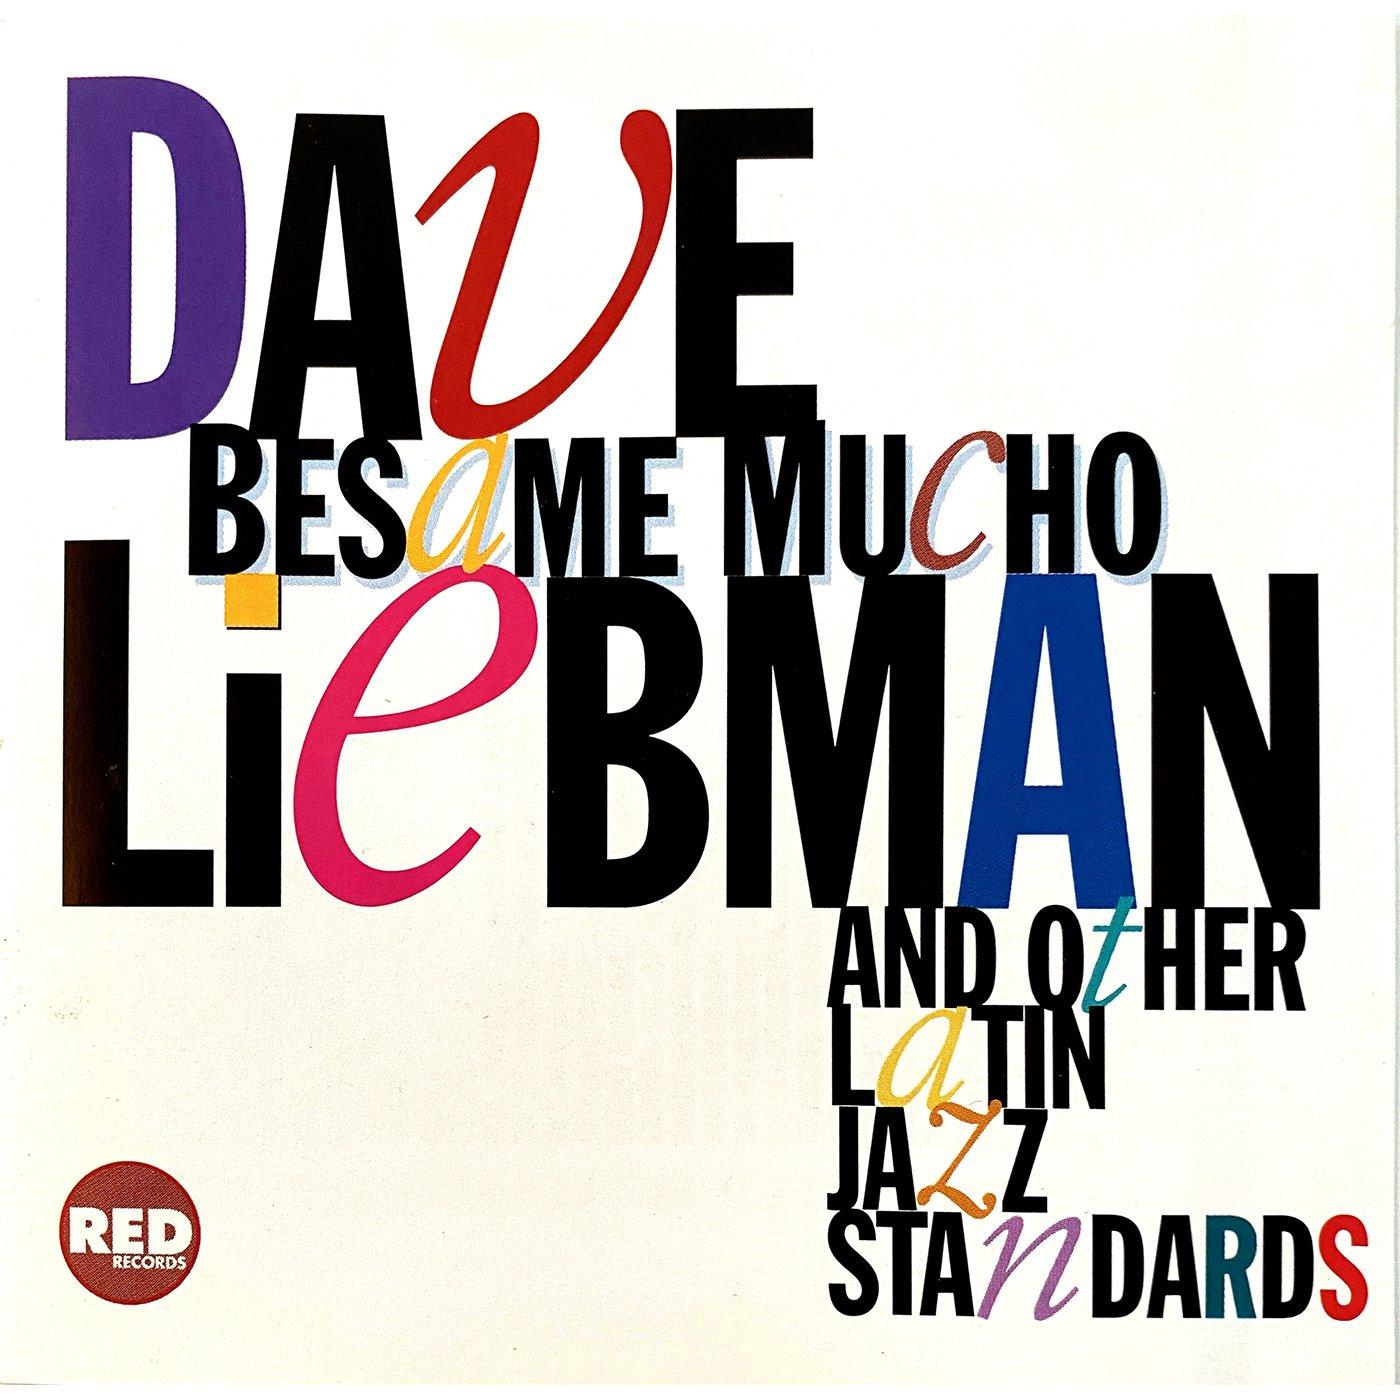 Besame Mucho And Other Latin Jazz Standards - Dave Liebman Quintet Featuring Danilo Perez